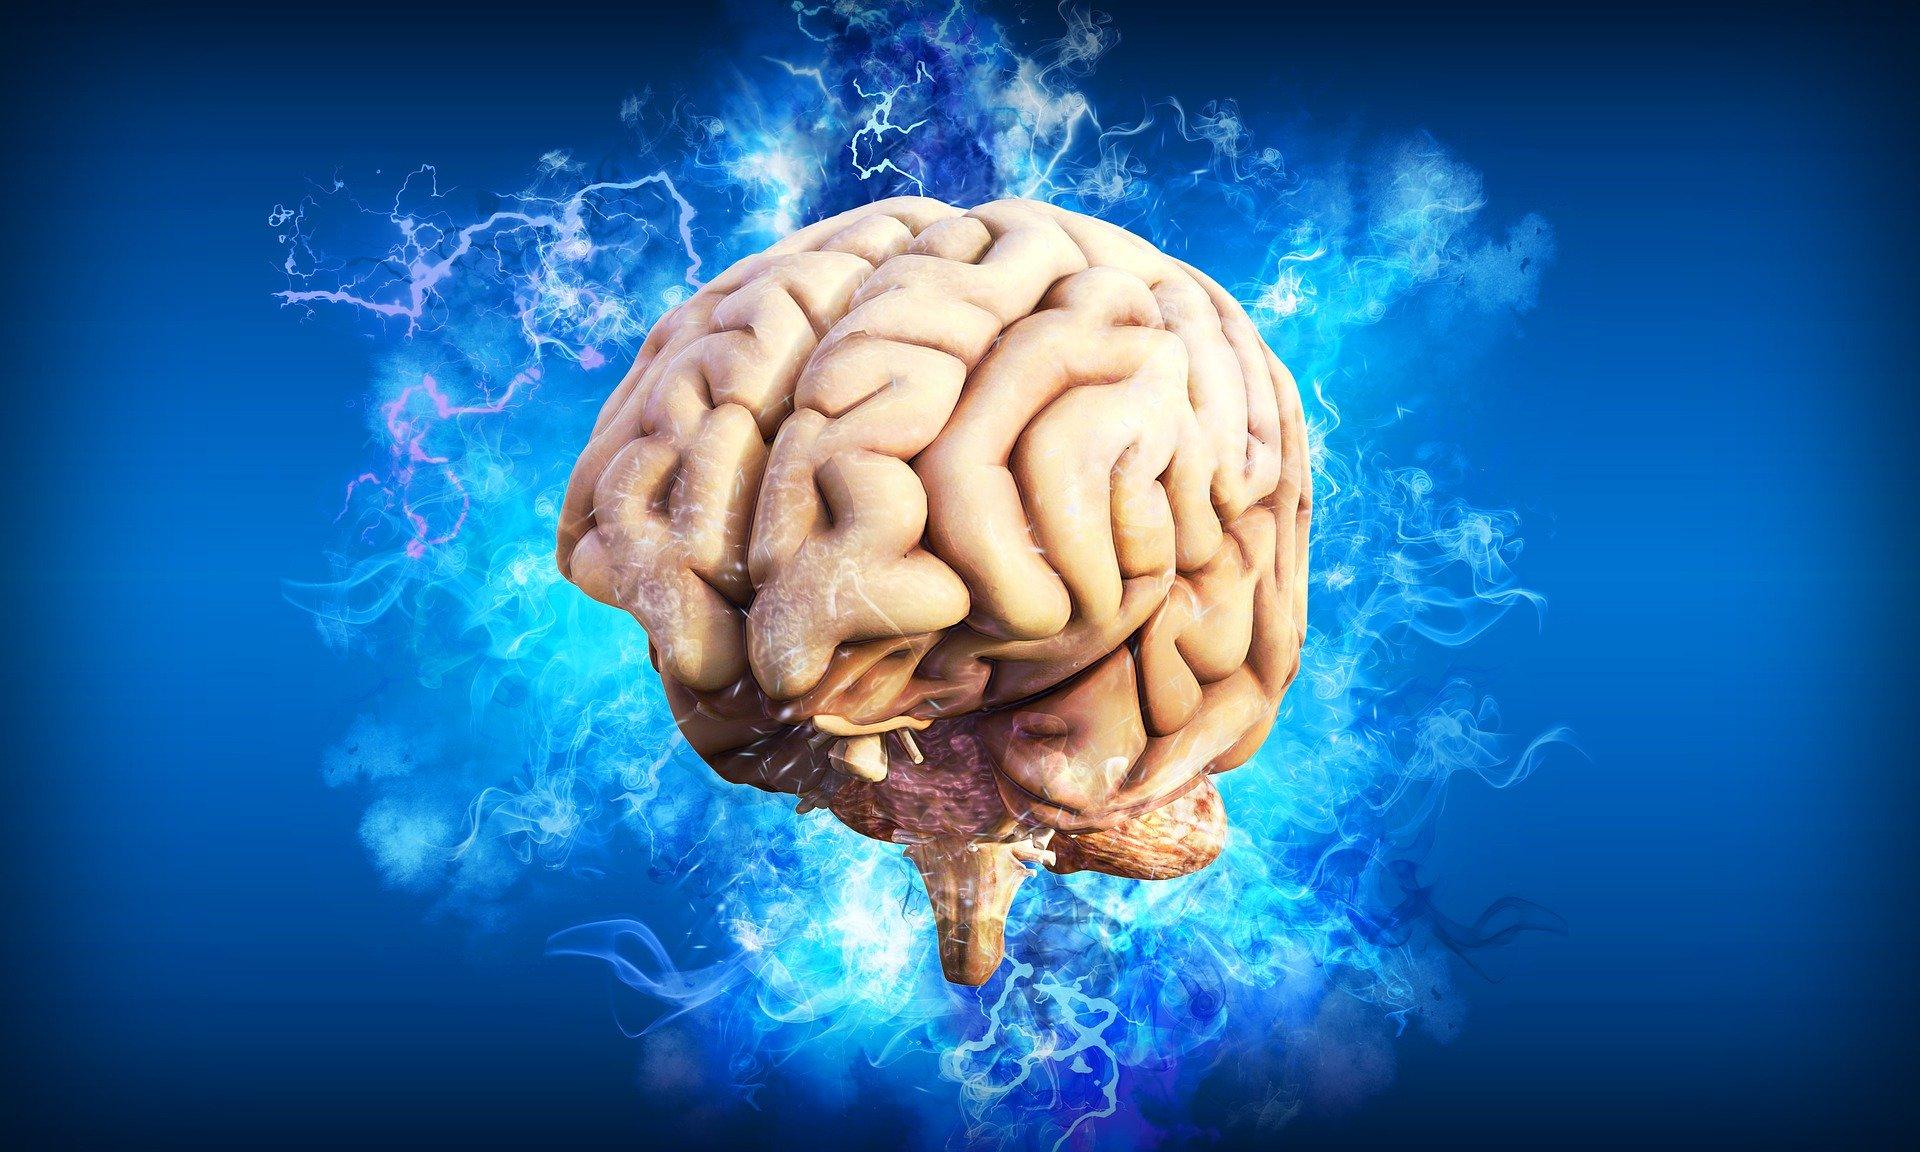 Illustration eines Gehirnes, das von hellblauen Blitzen umgeben ist